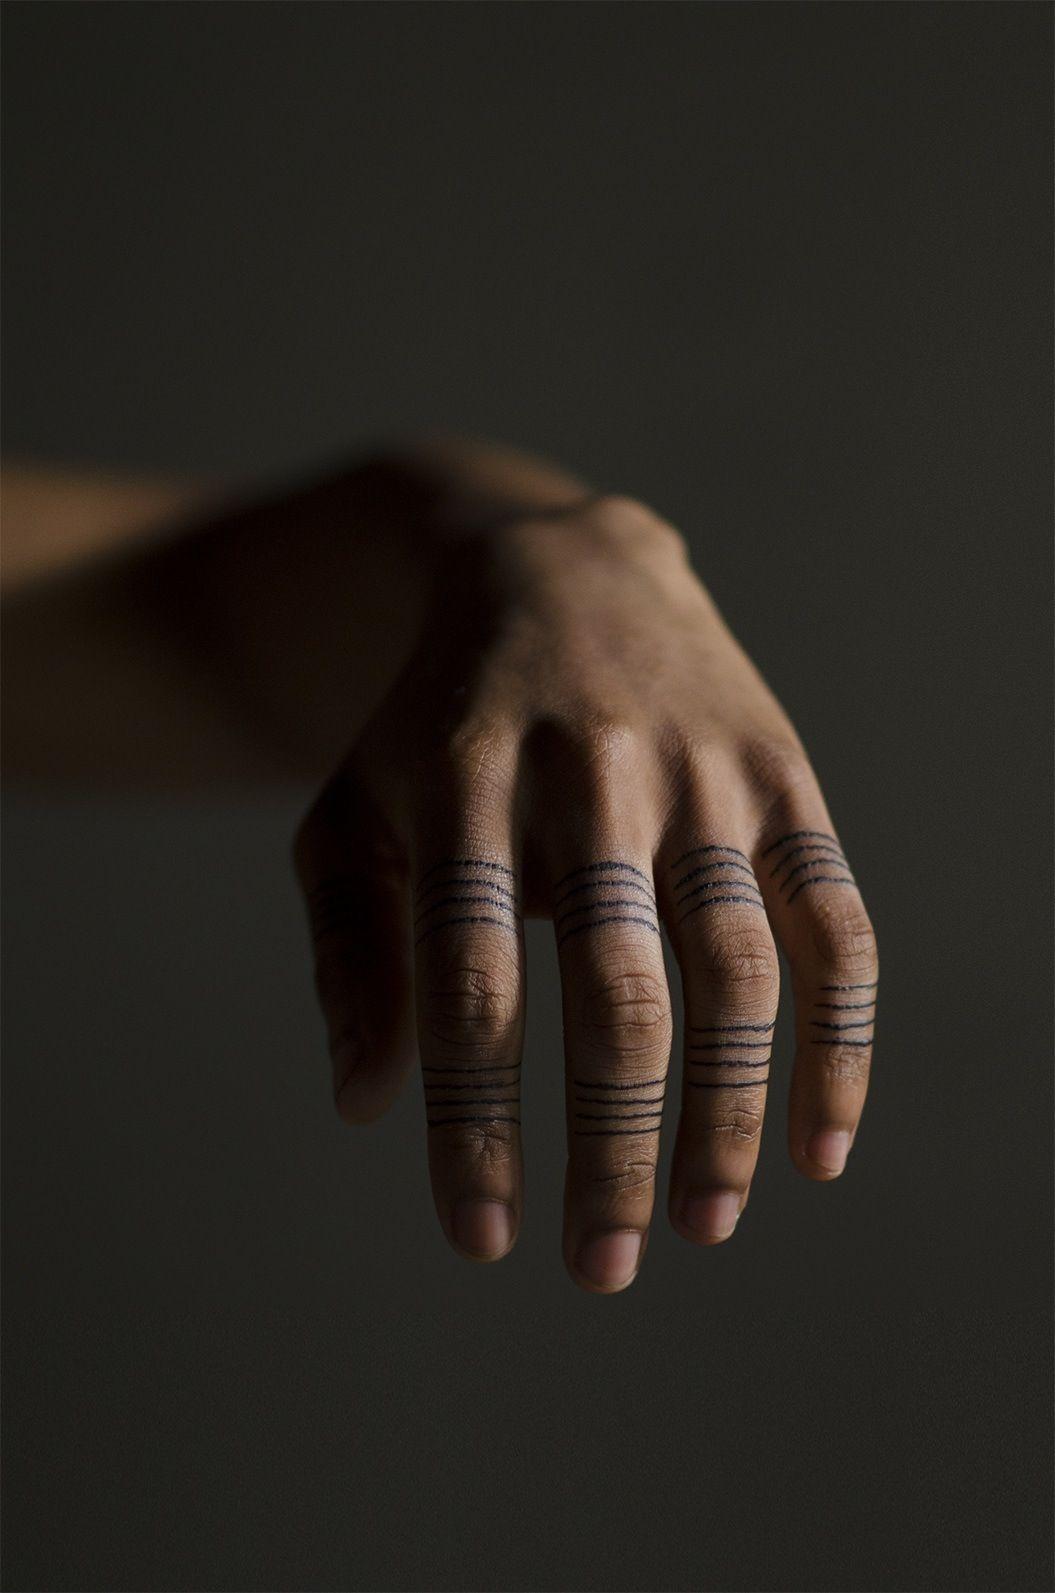 Tattoos for men ring tattoo  fingers  tattoo think tank  pinterest  tattoo finger